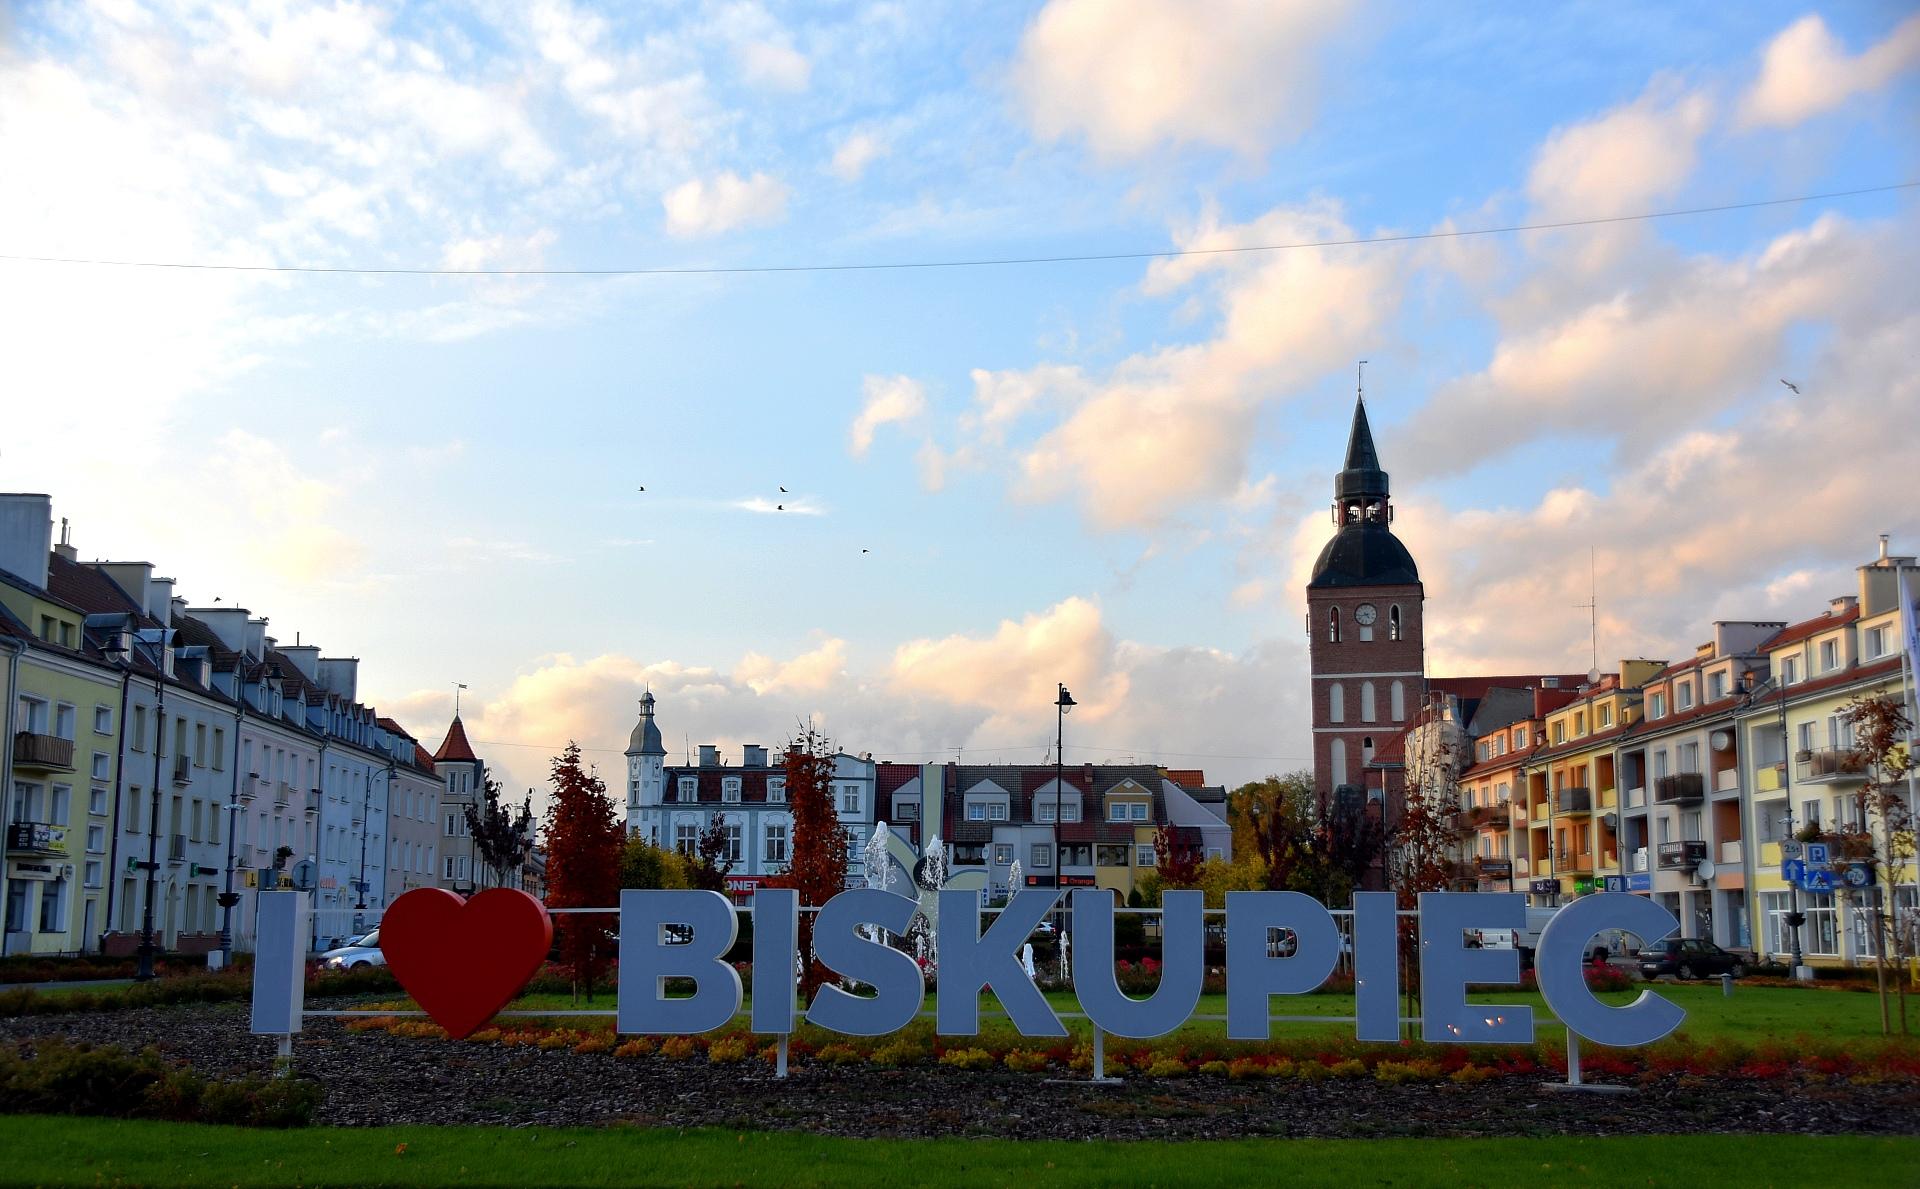 Zdjęcie przedstawiające napis kocham biskupiec